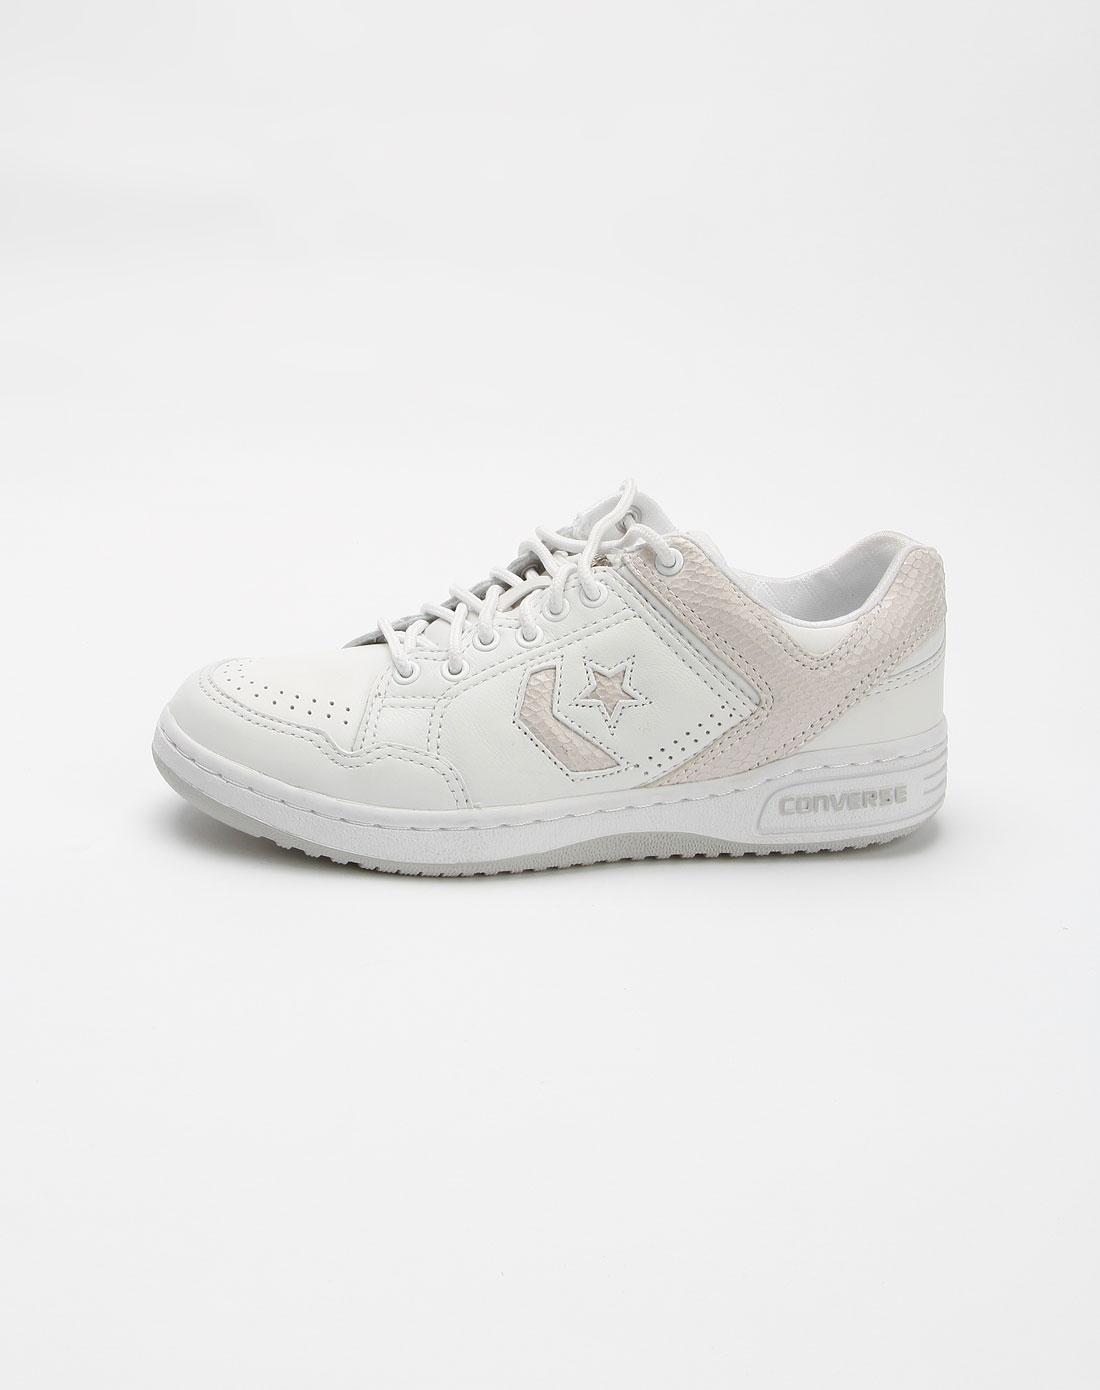 匡威converse 男款白色时尚运动鞋